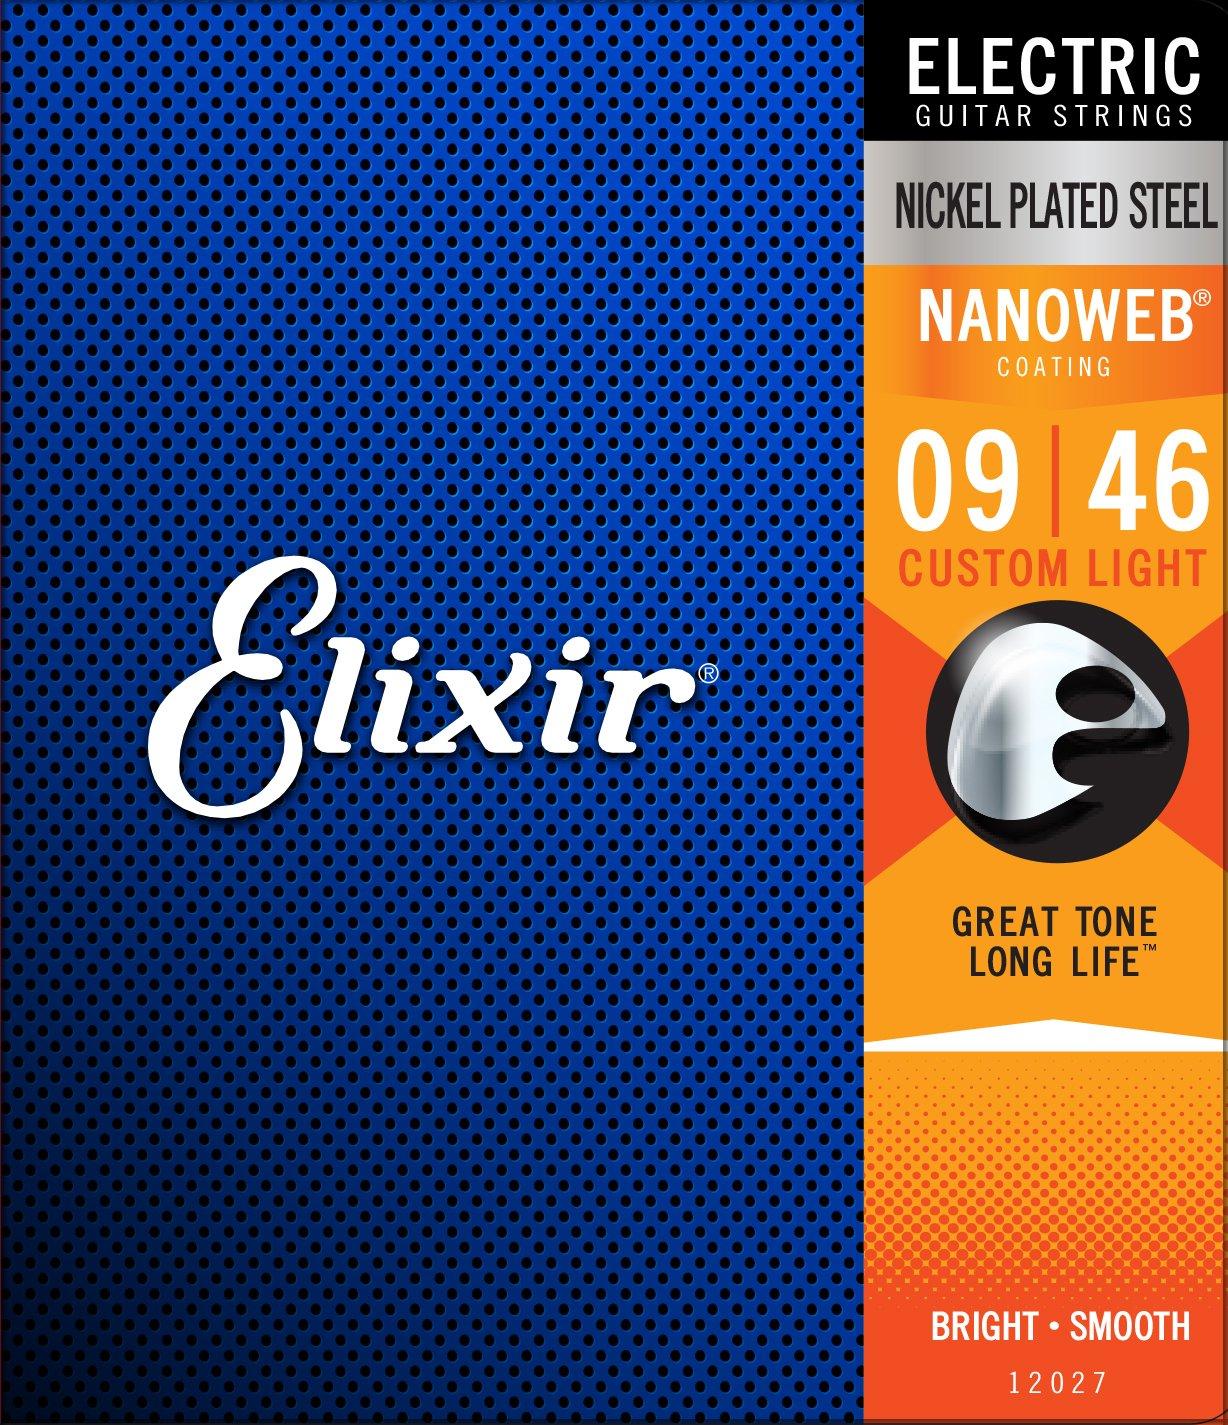 Elixir Nickel Plated Steel 12027 Electric Guitar Strings, NANOWEB, Custom Light, 9-46